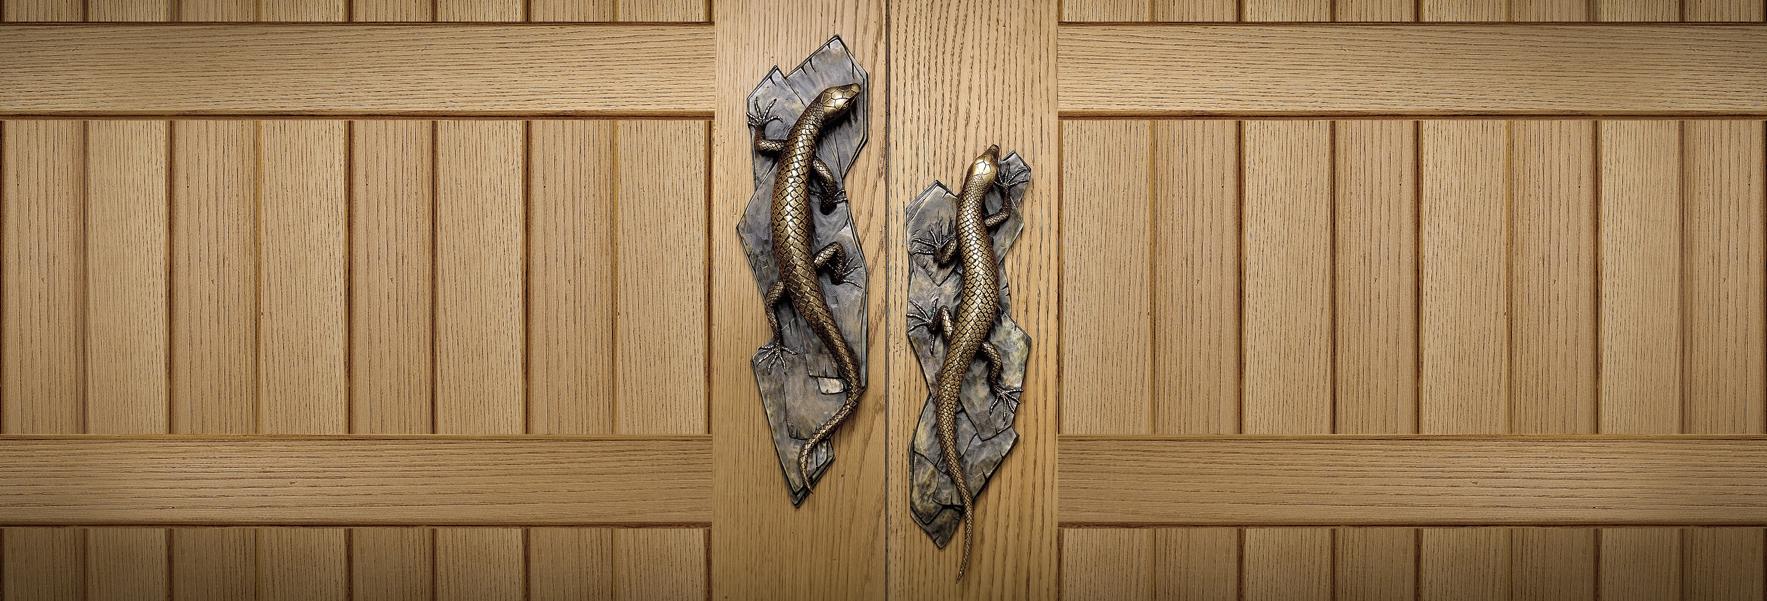 Martin Pierce - Custom Door Handles, Hardware, Knobs and